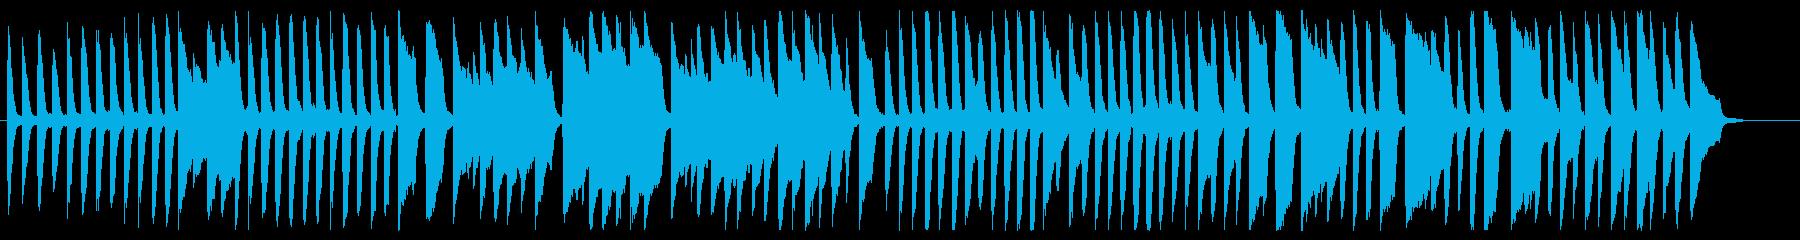 アルプス一万尺 ピアノver.の再生済みの波形